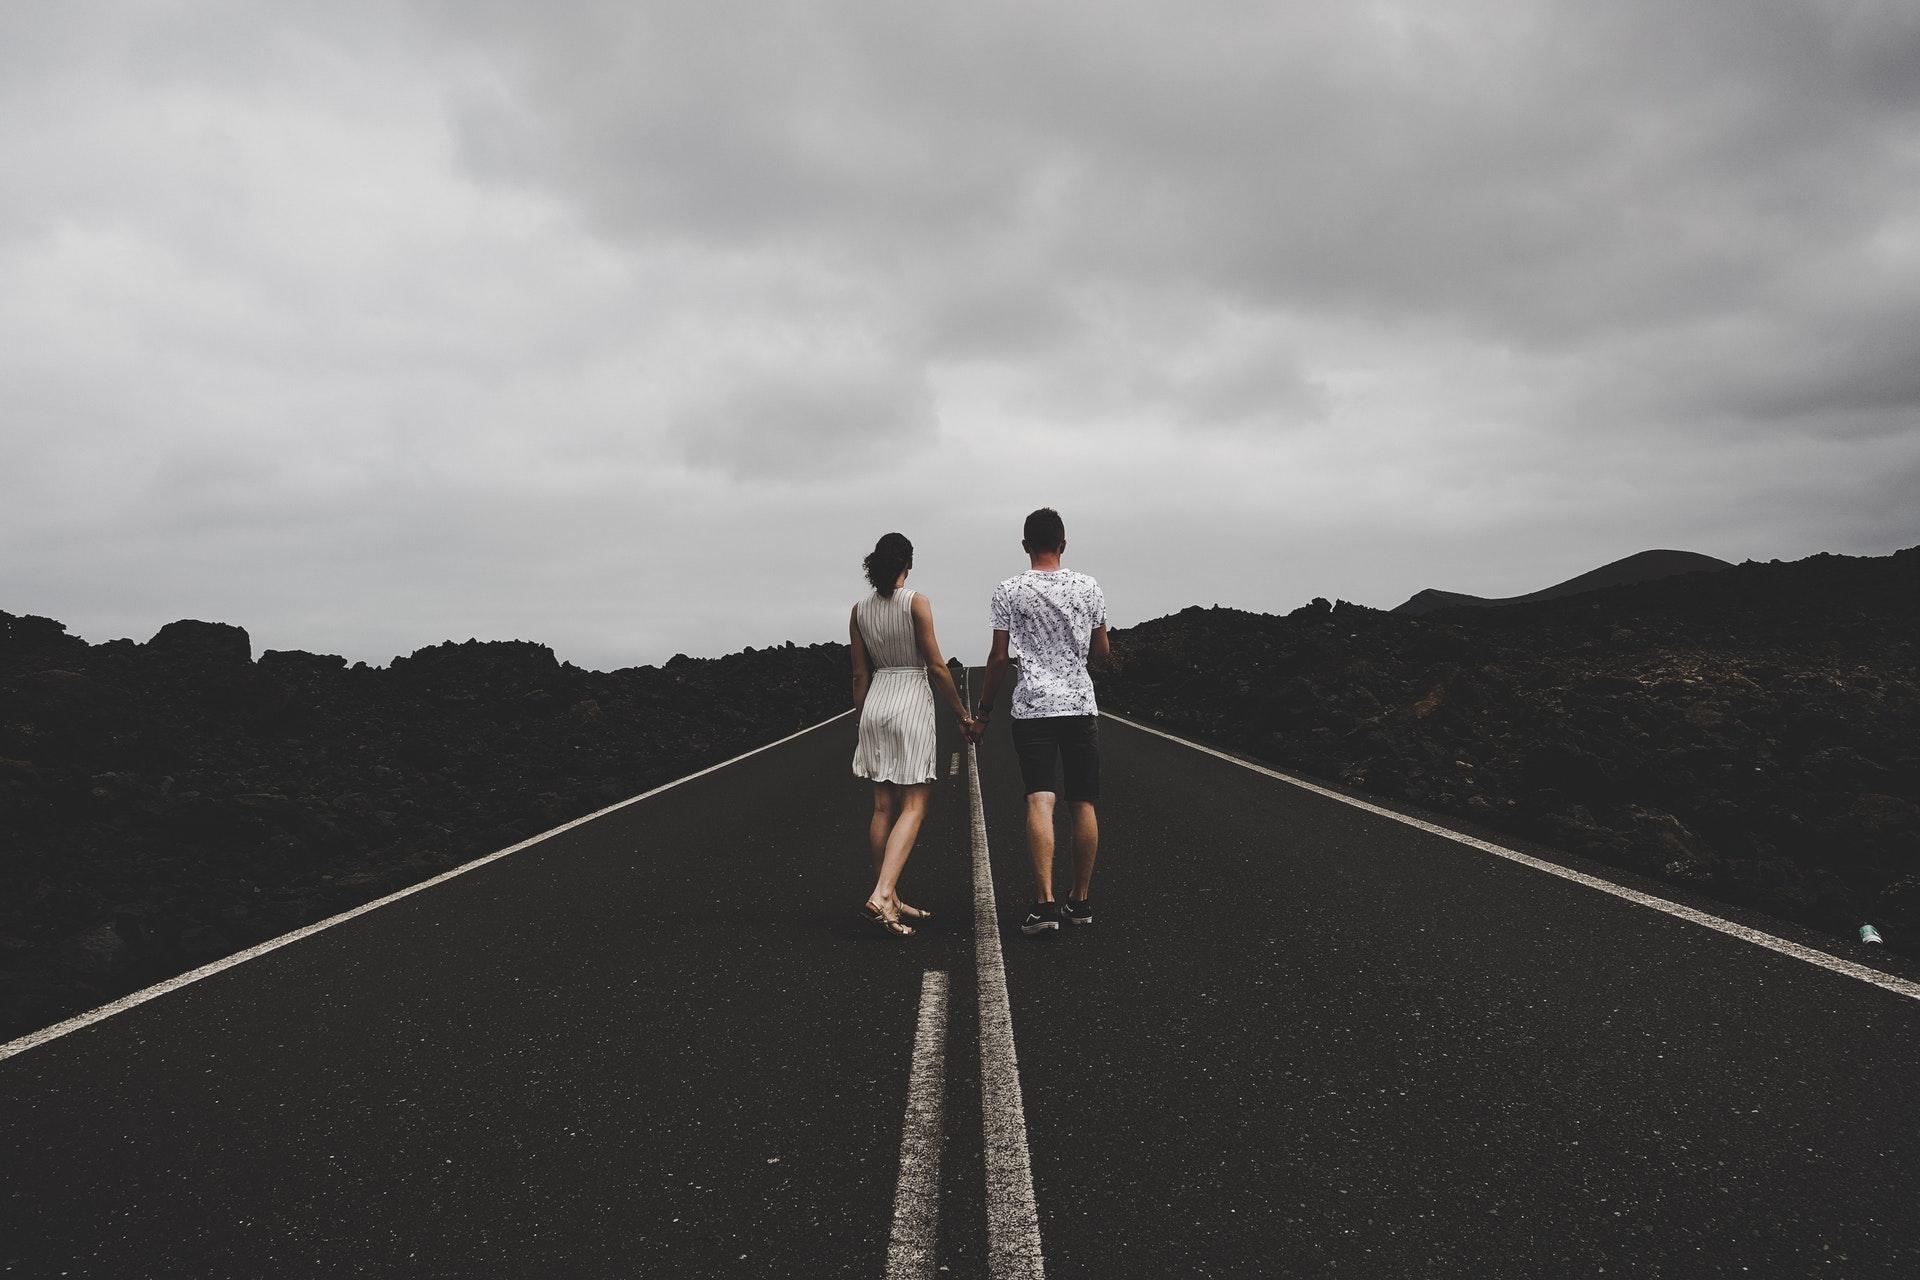 Duygusal Yaşamda Sınırlar (Sınır Nedir?)